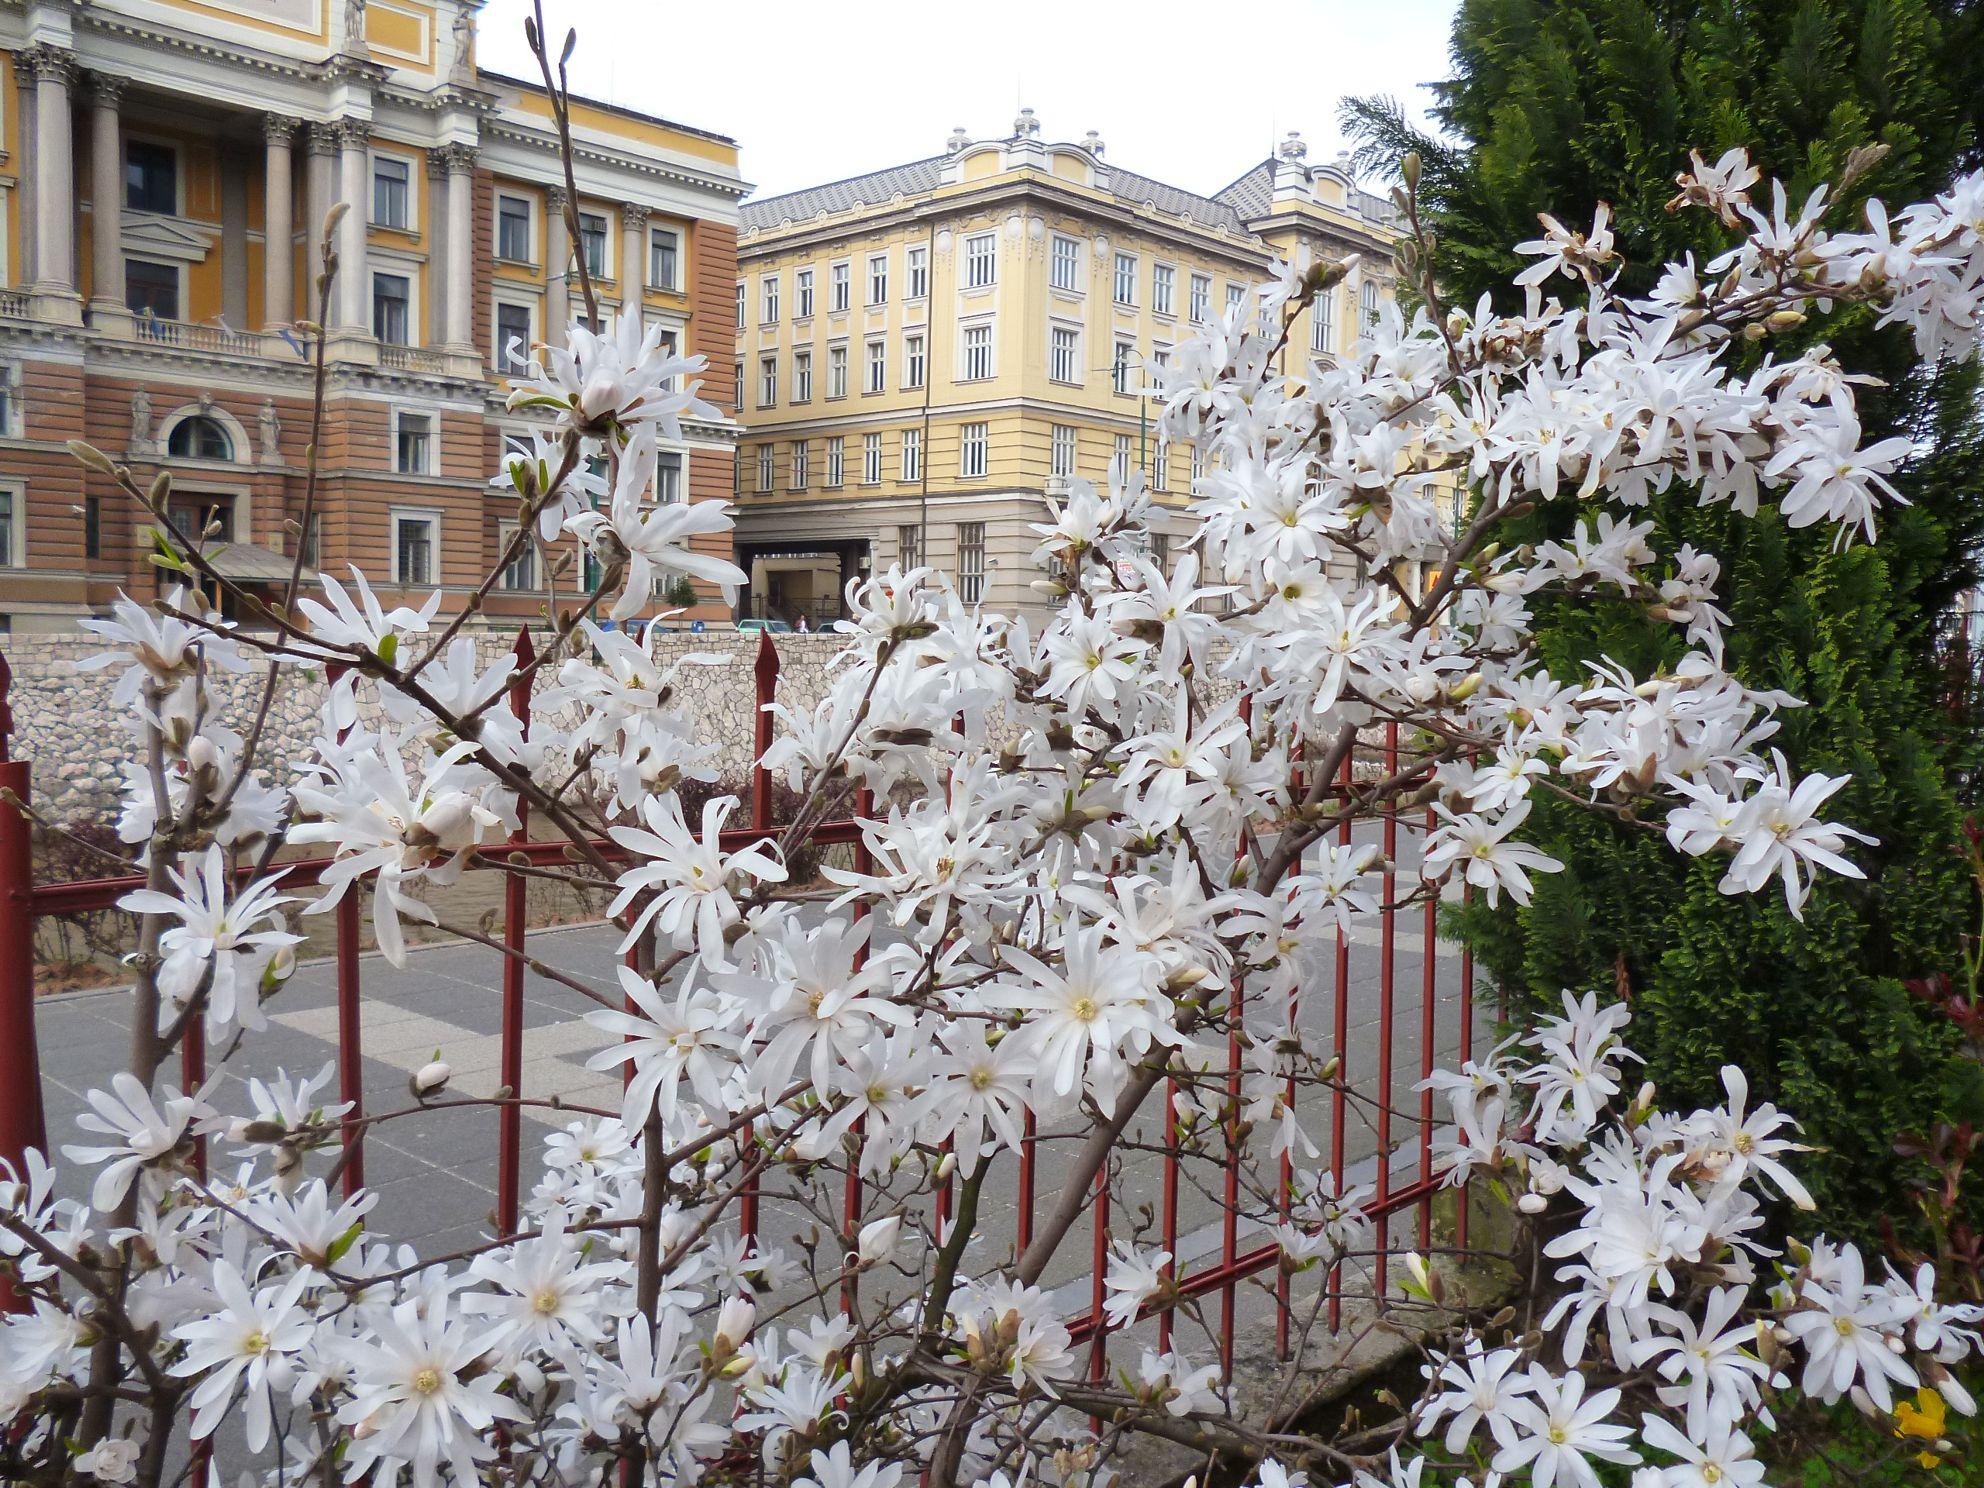 Апрель в Сараеве. Фото: Елена Арсениевич, CC BY-SA 3.0